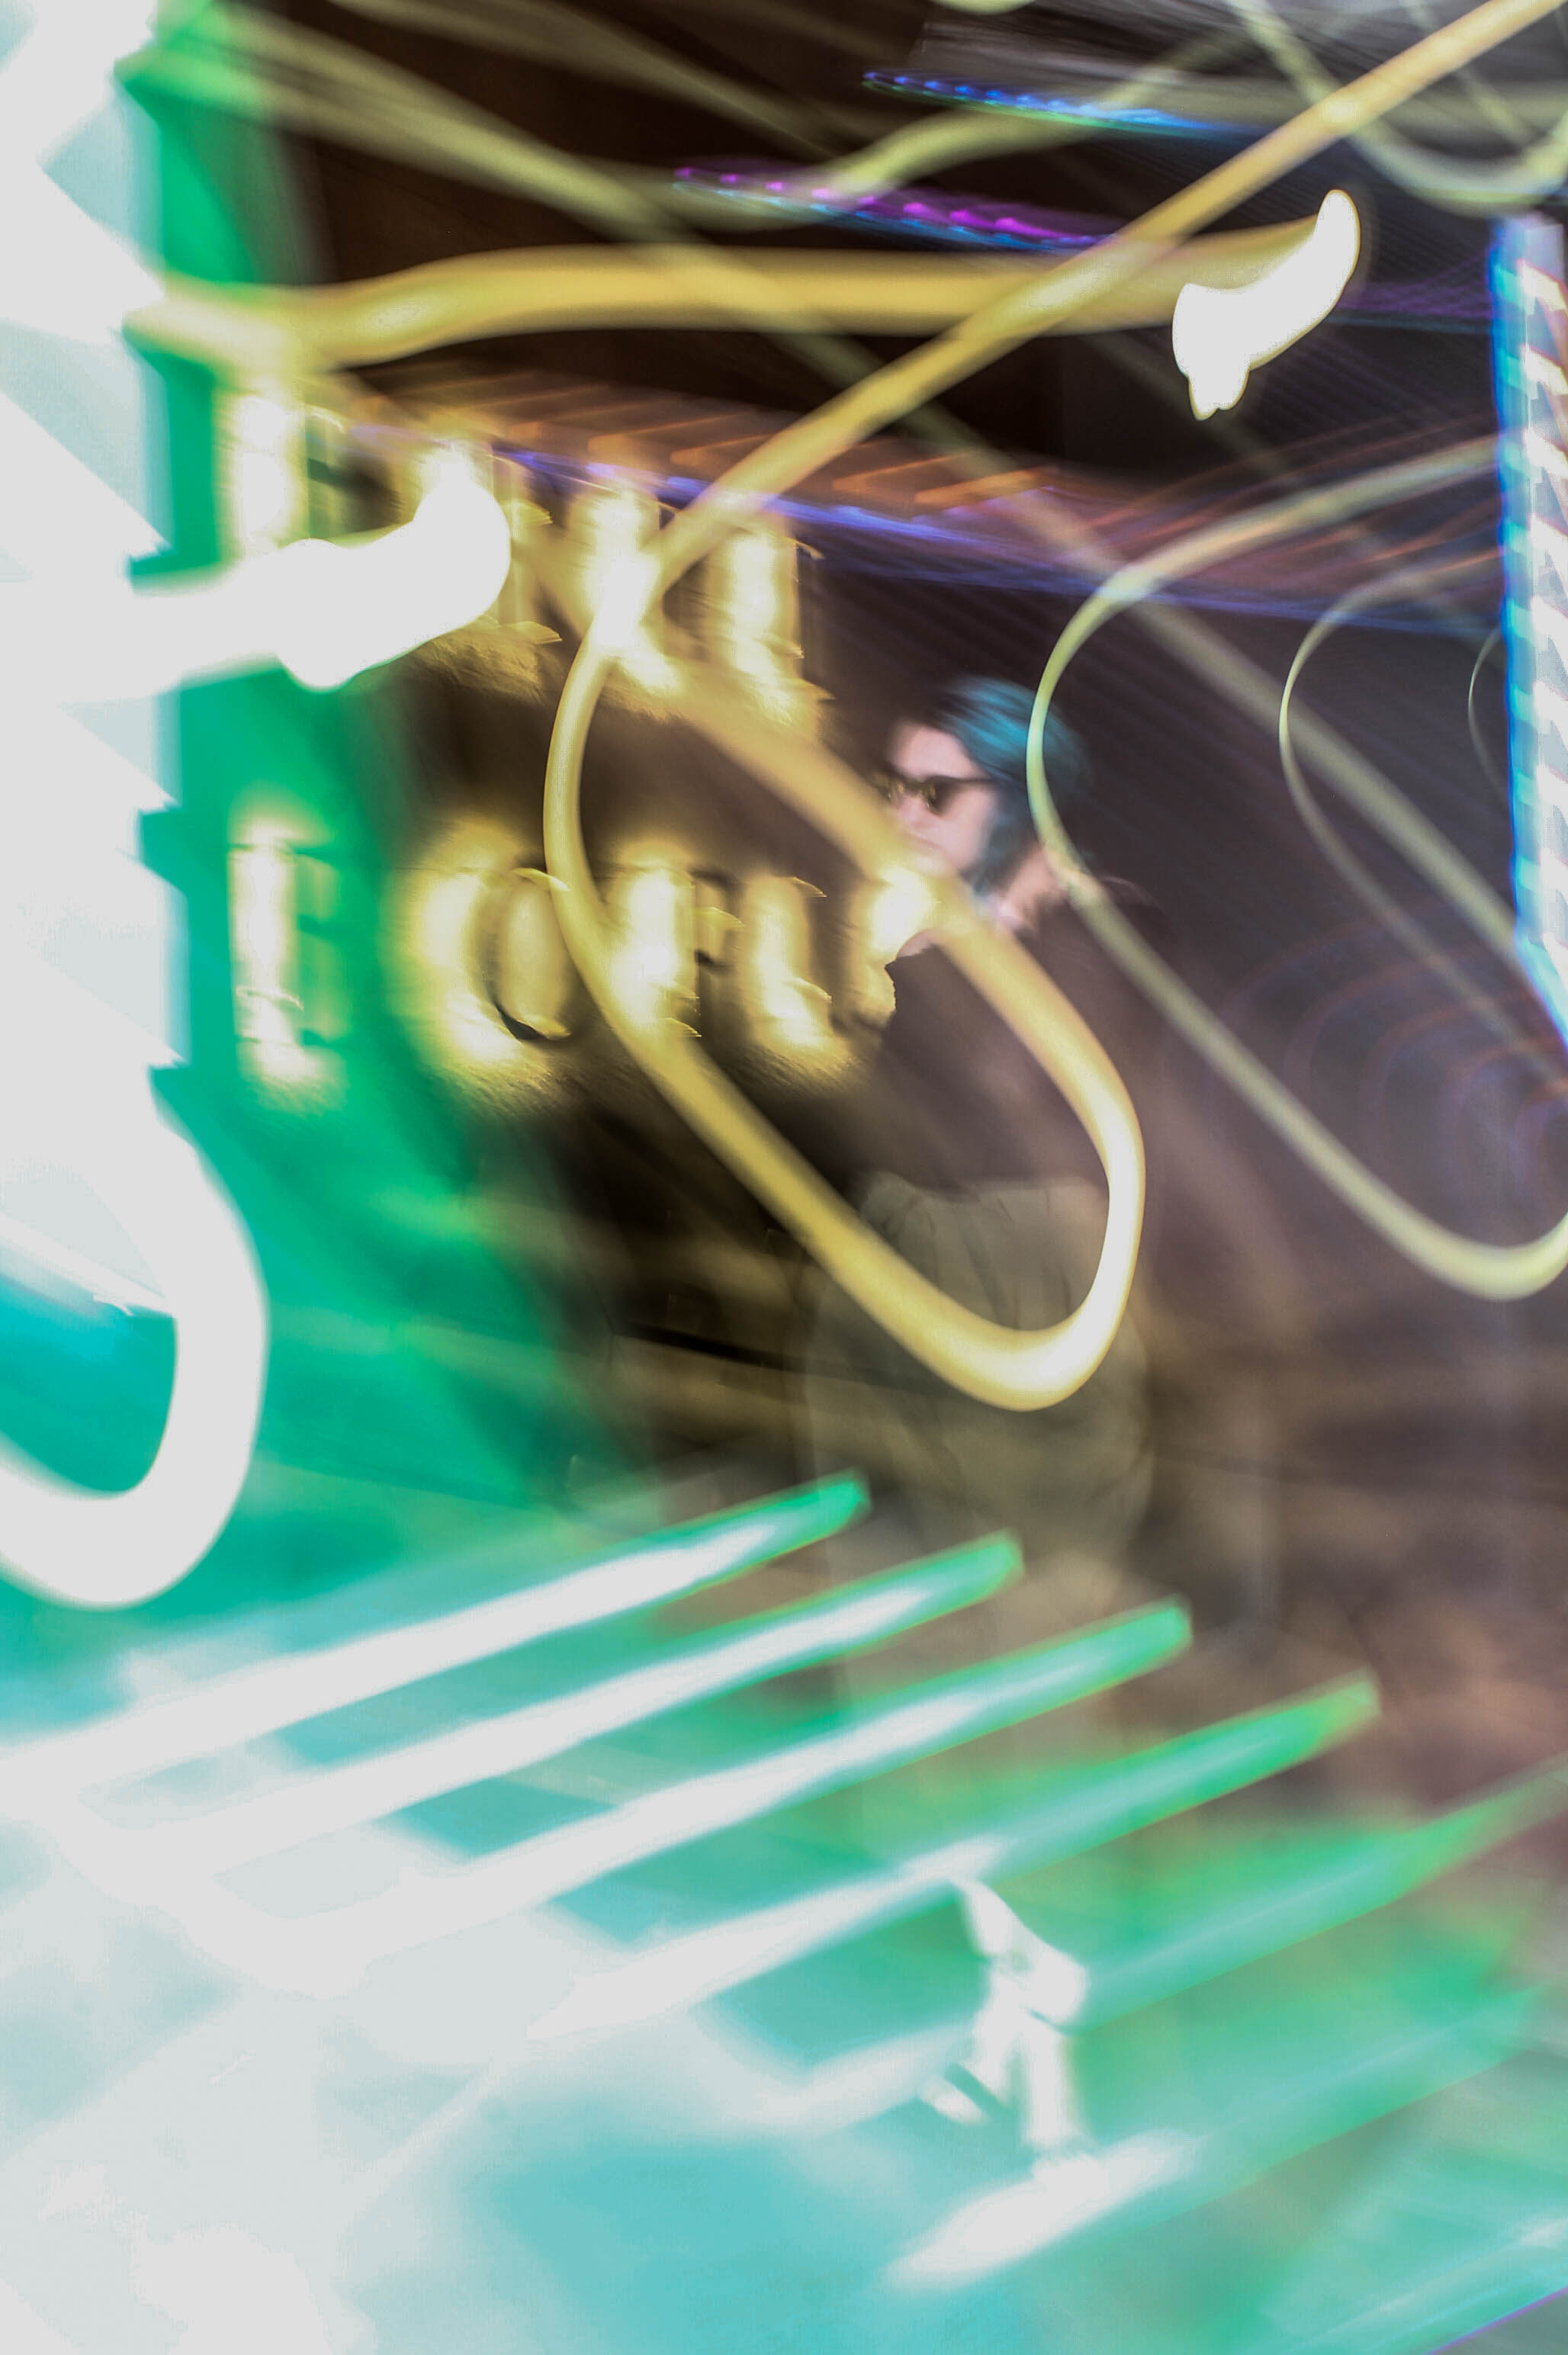 abstract neon light photo